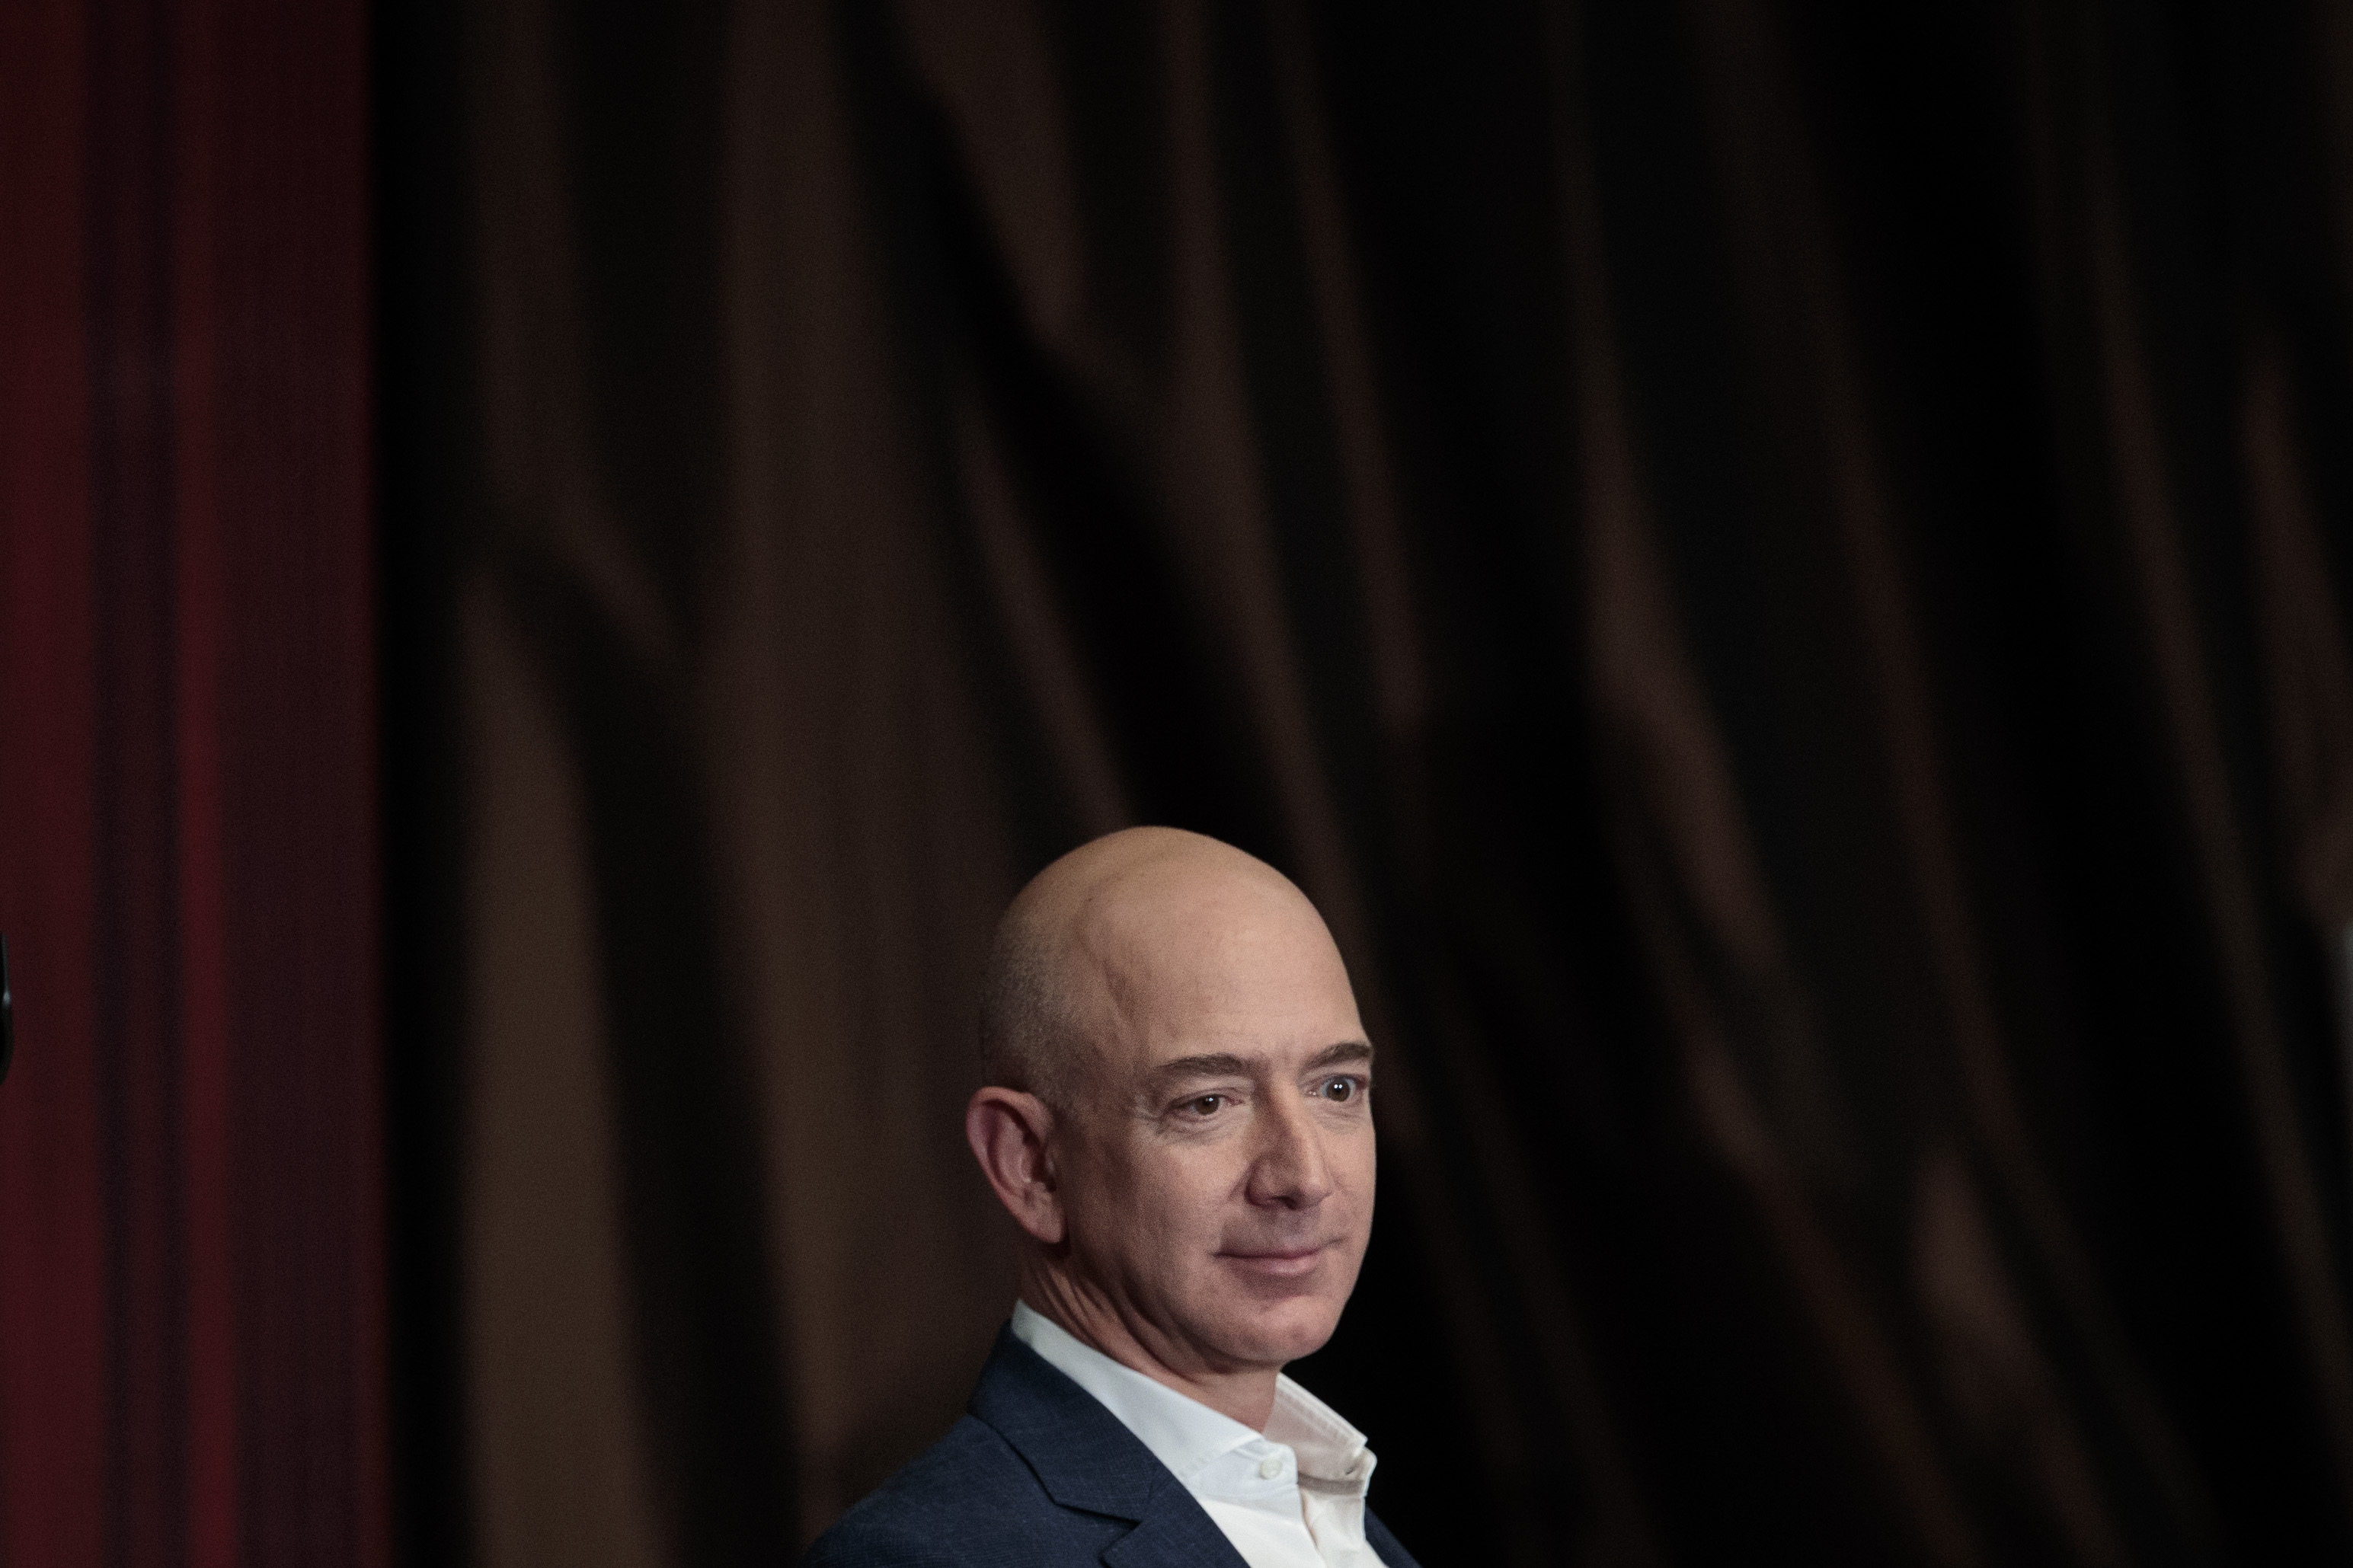 Amazon is now worth two Walmarts